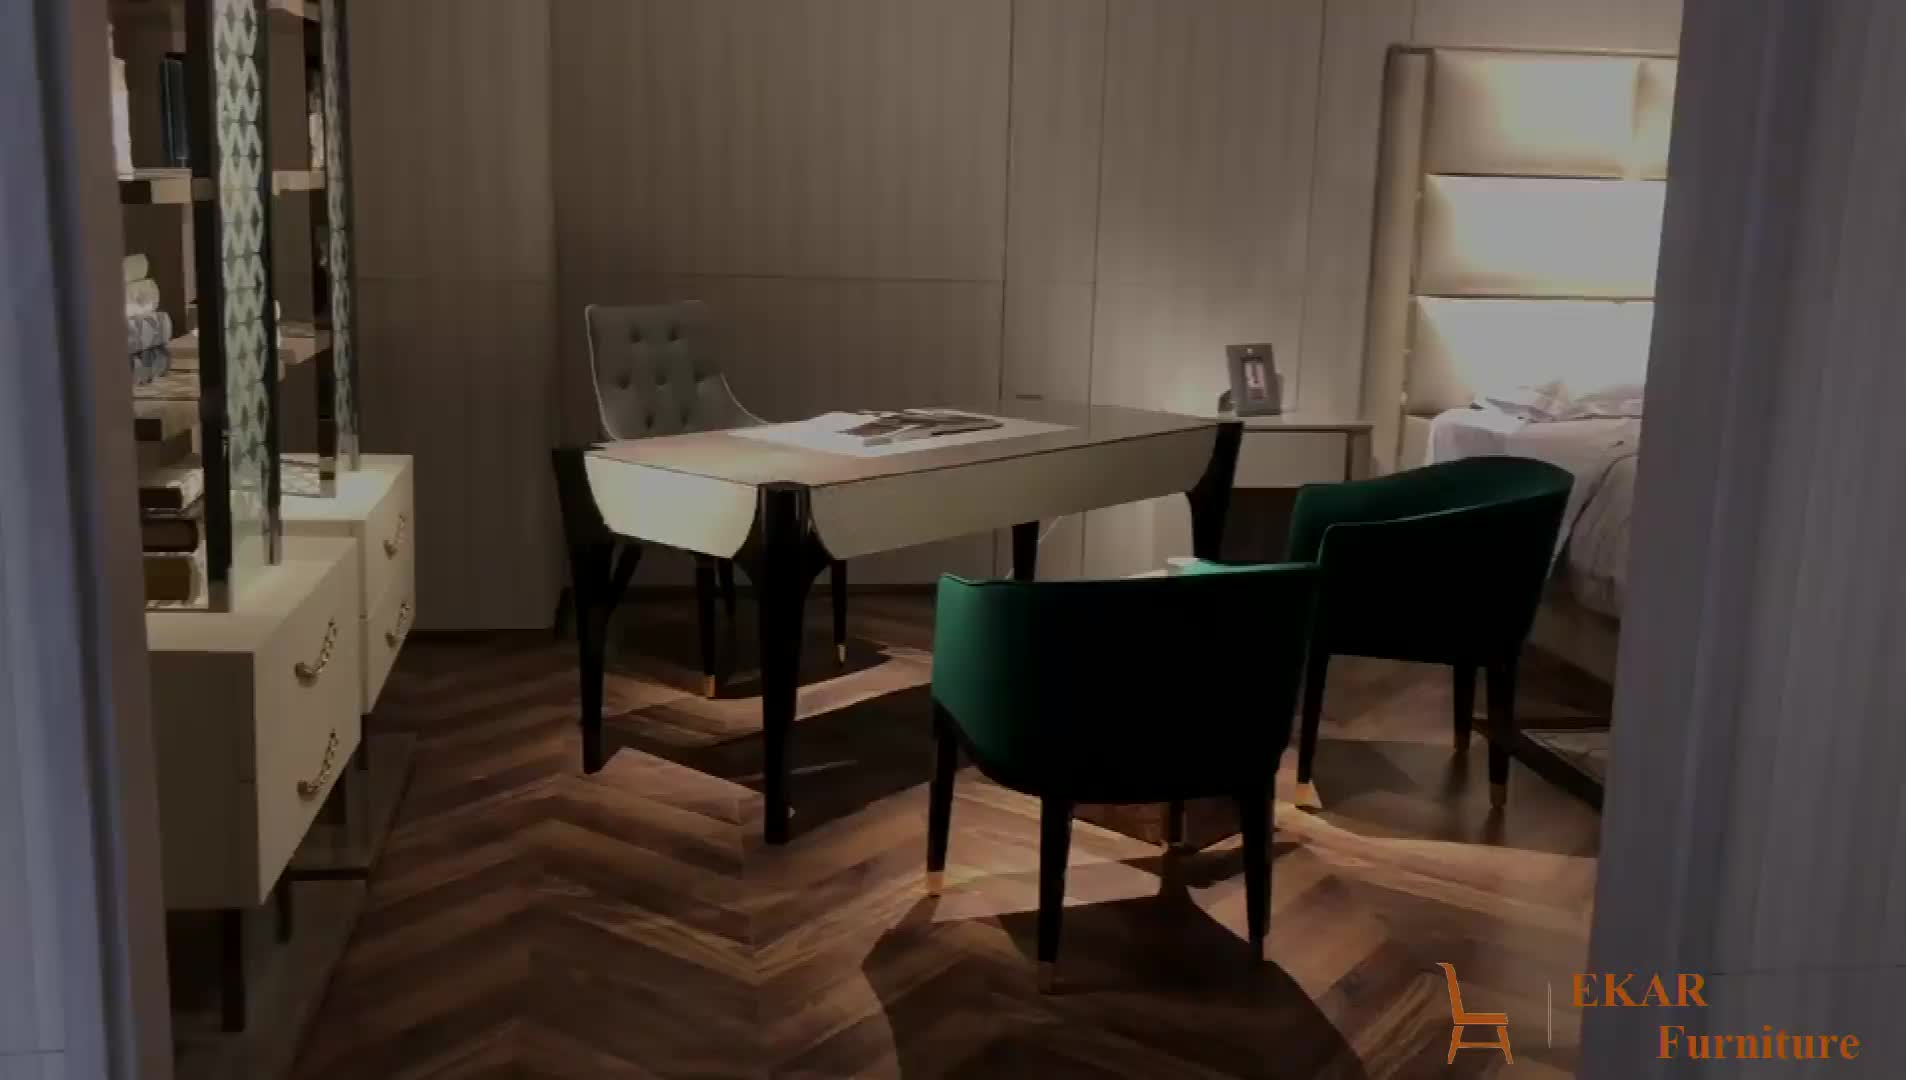 現代生地室内装飾ホームオフィスアームチェア